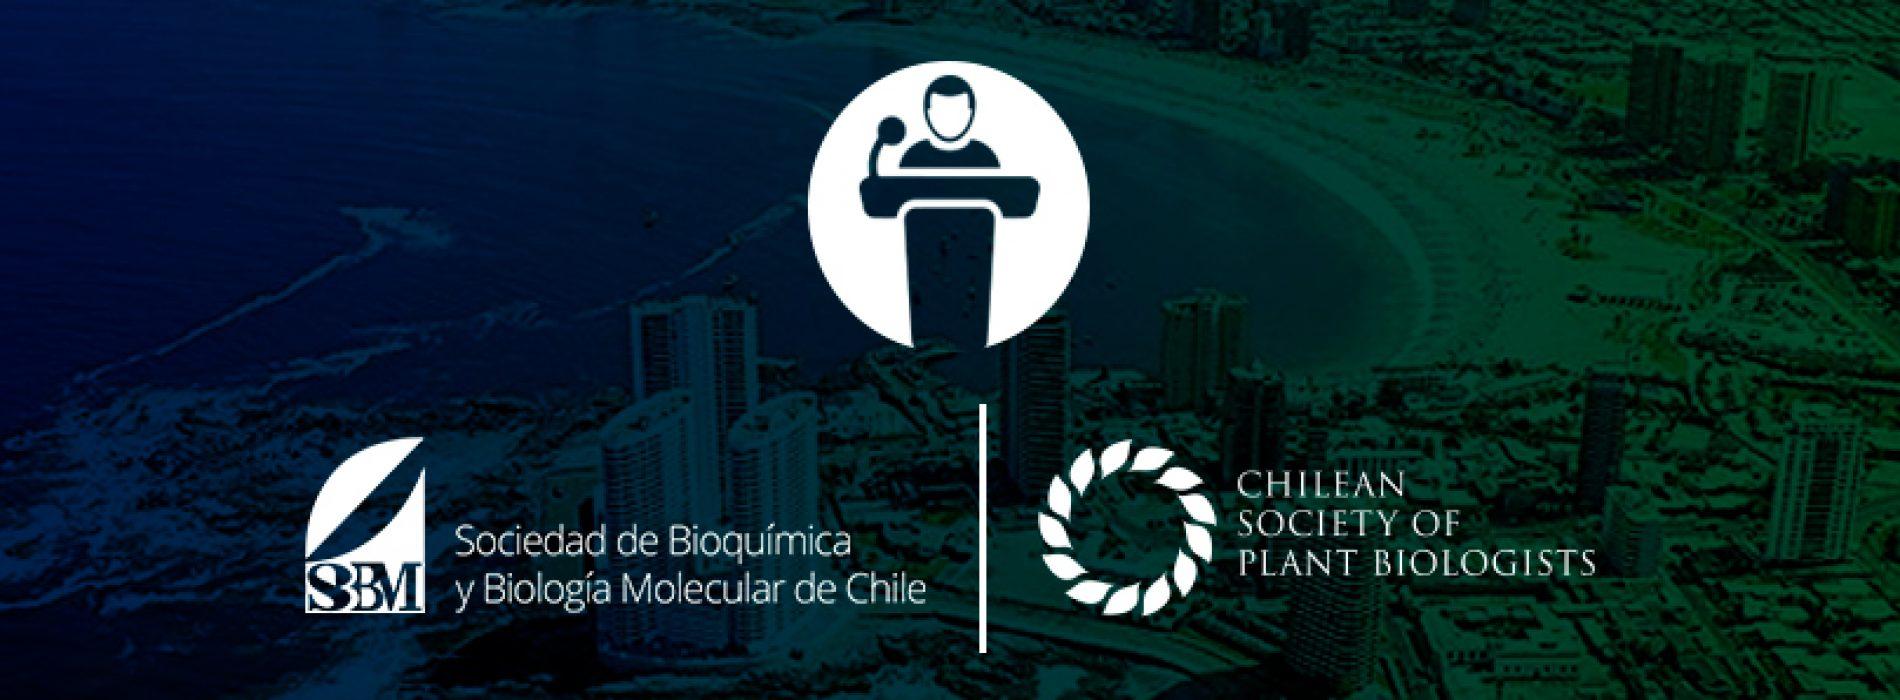 """Biosketchs Cono-Sur Symposium: """"Aptamers as molecular tools for biomedical applications"""""""